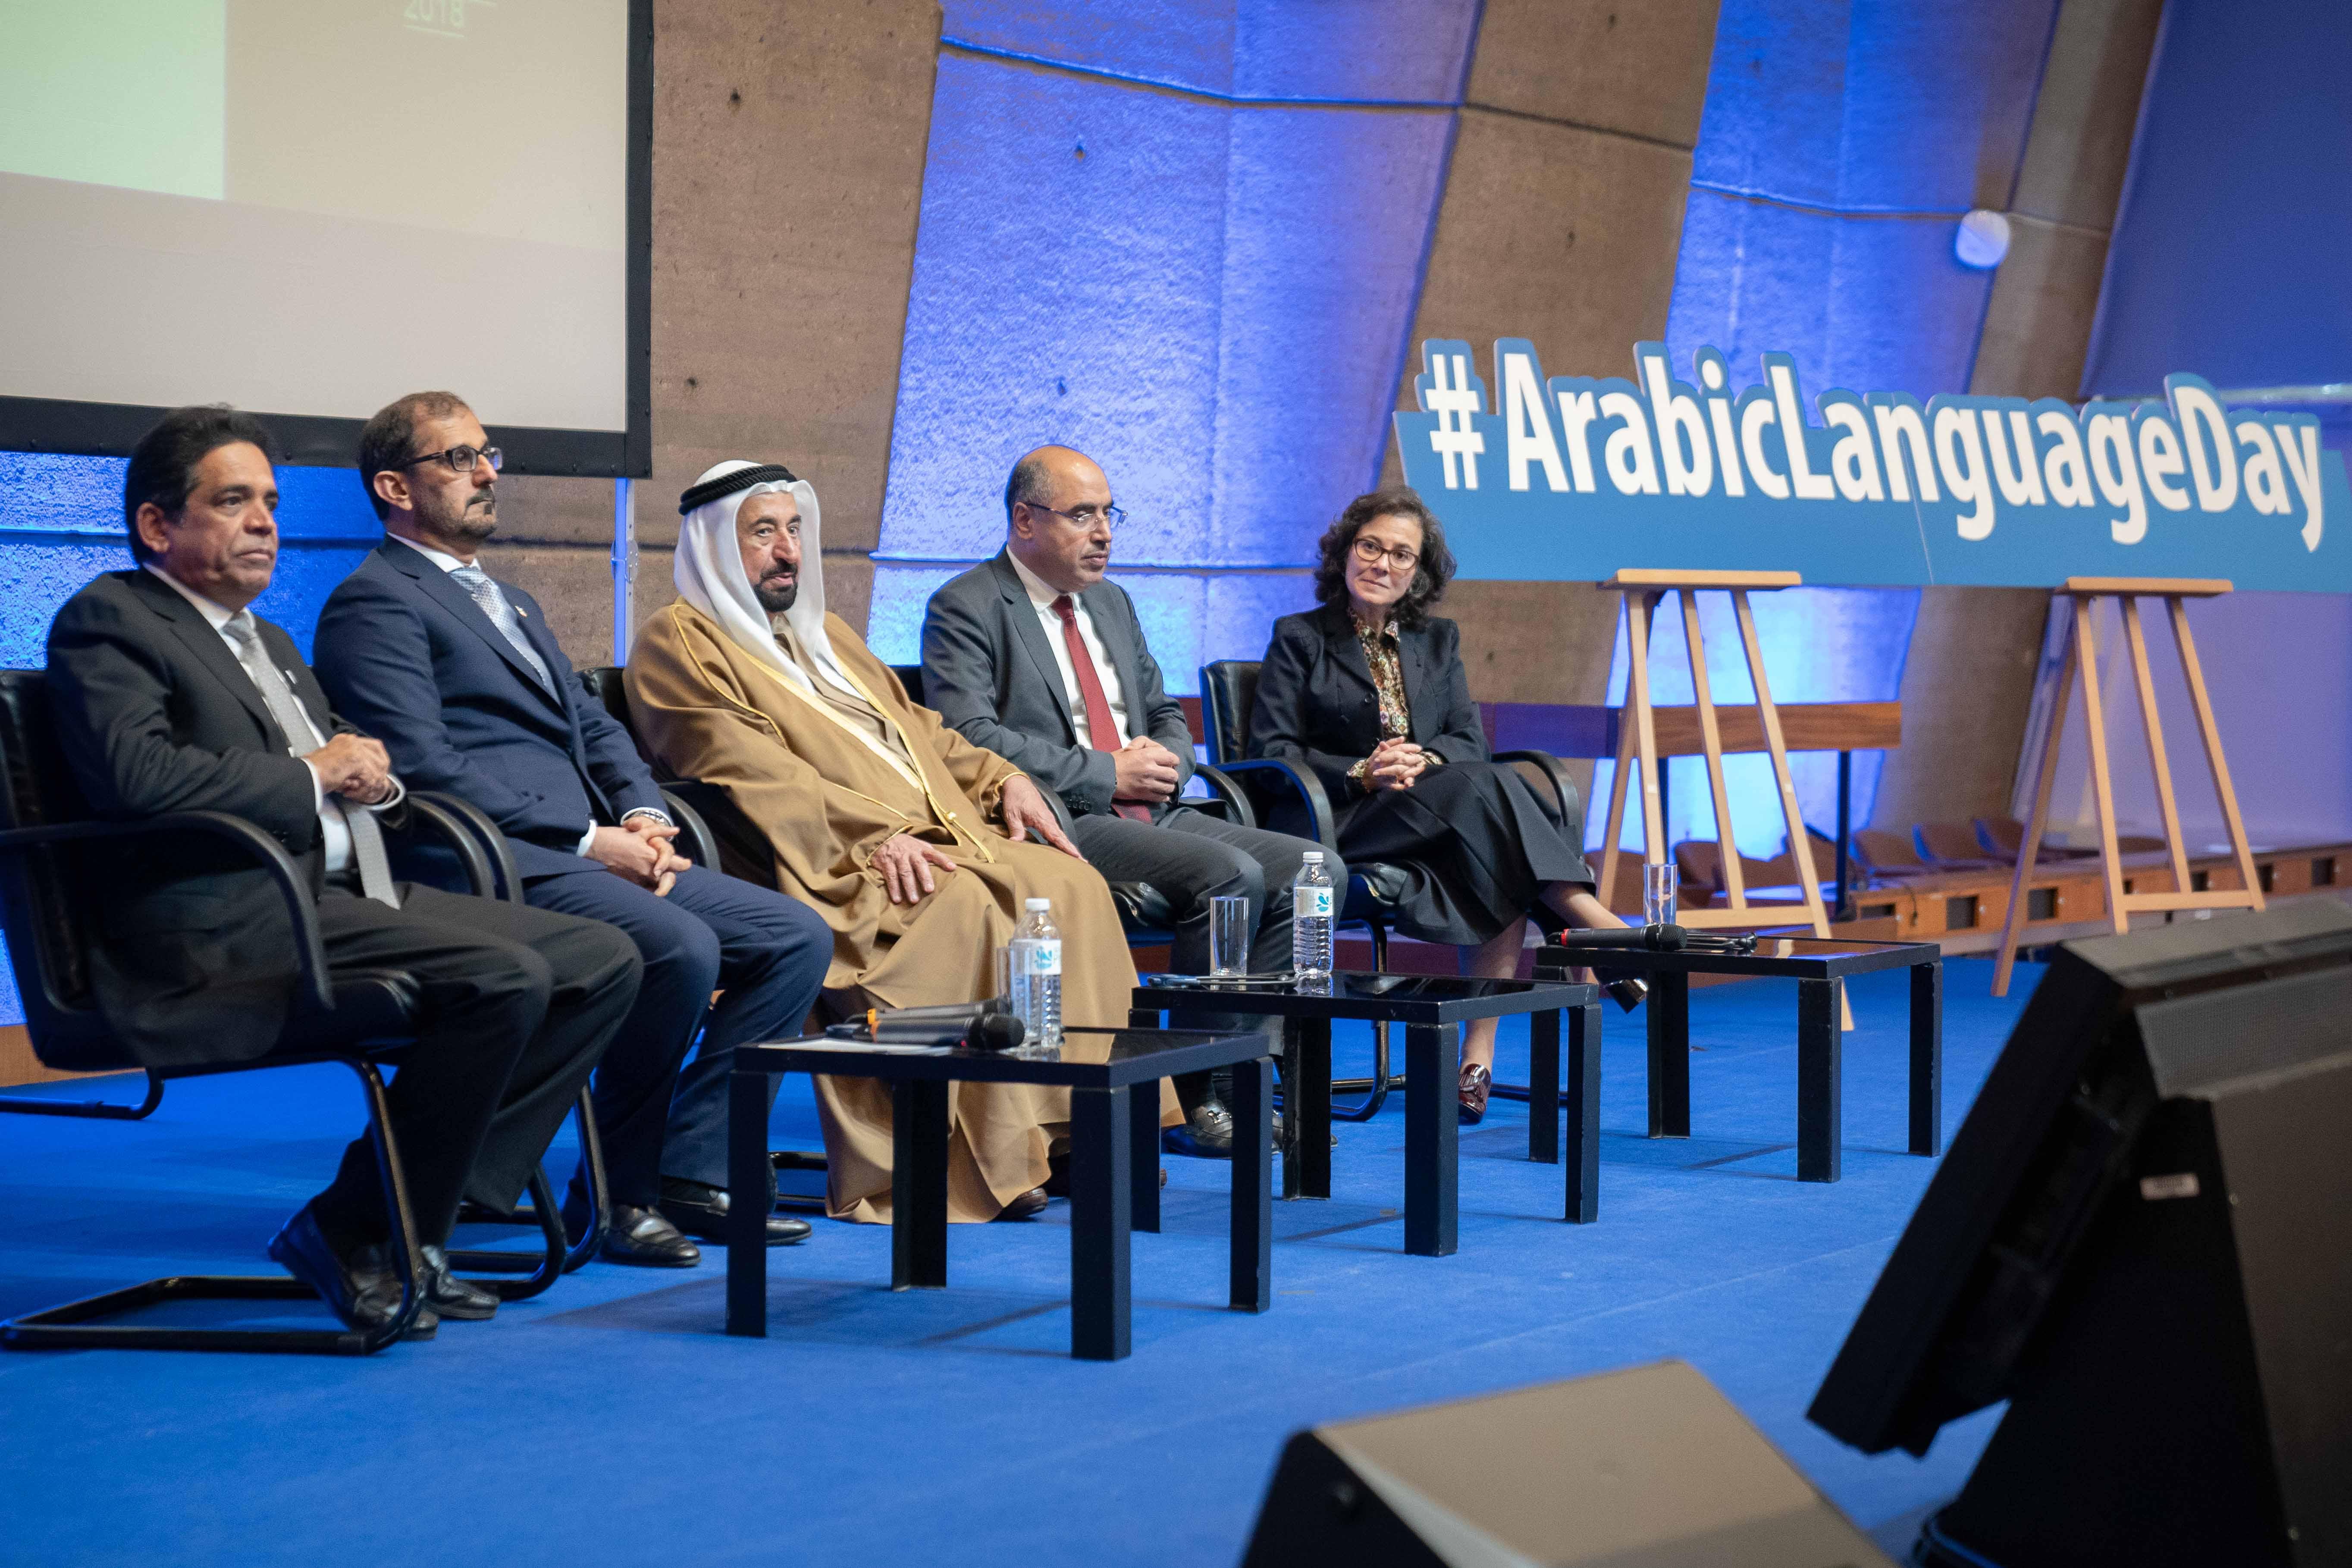 تكريم الفائزين في جائزة الألكسو / الشارقة في احتفالية اليوم العالمي للغة العربية باليونسكو 18 ديسمبر 2018